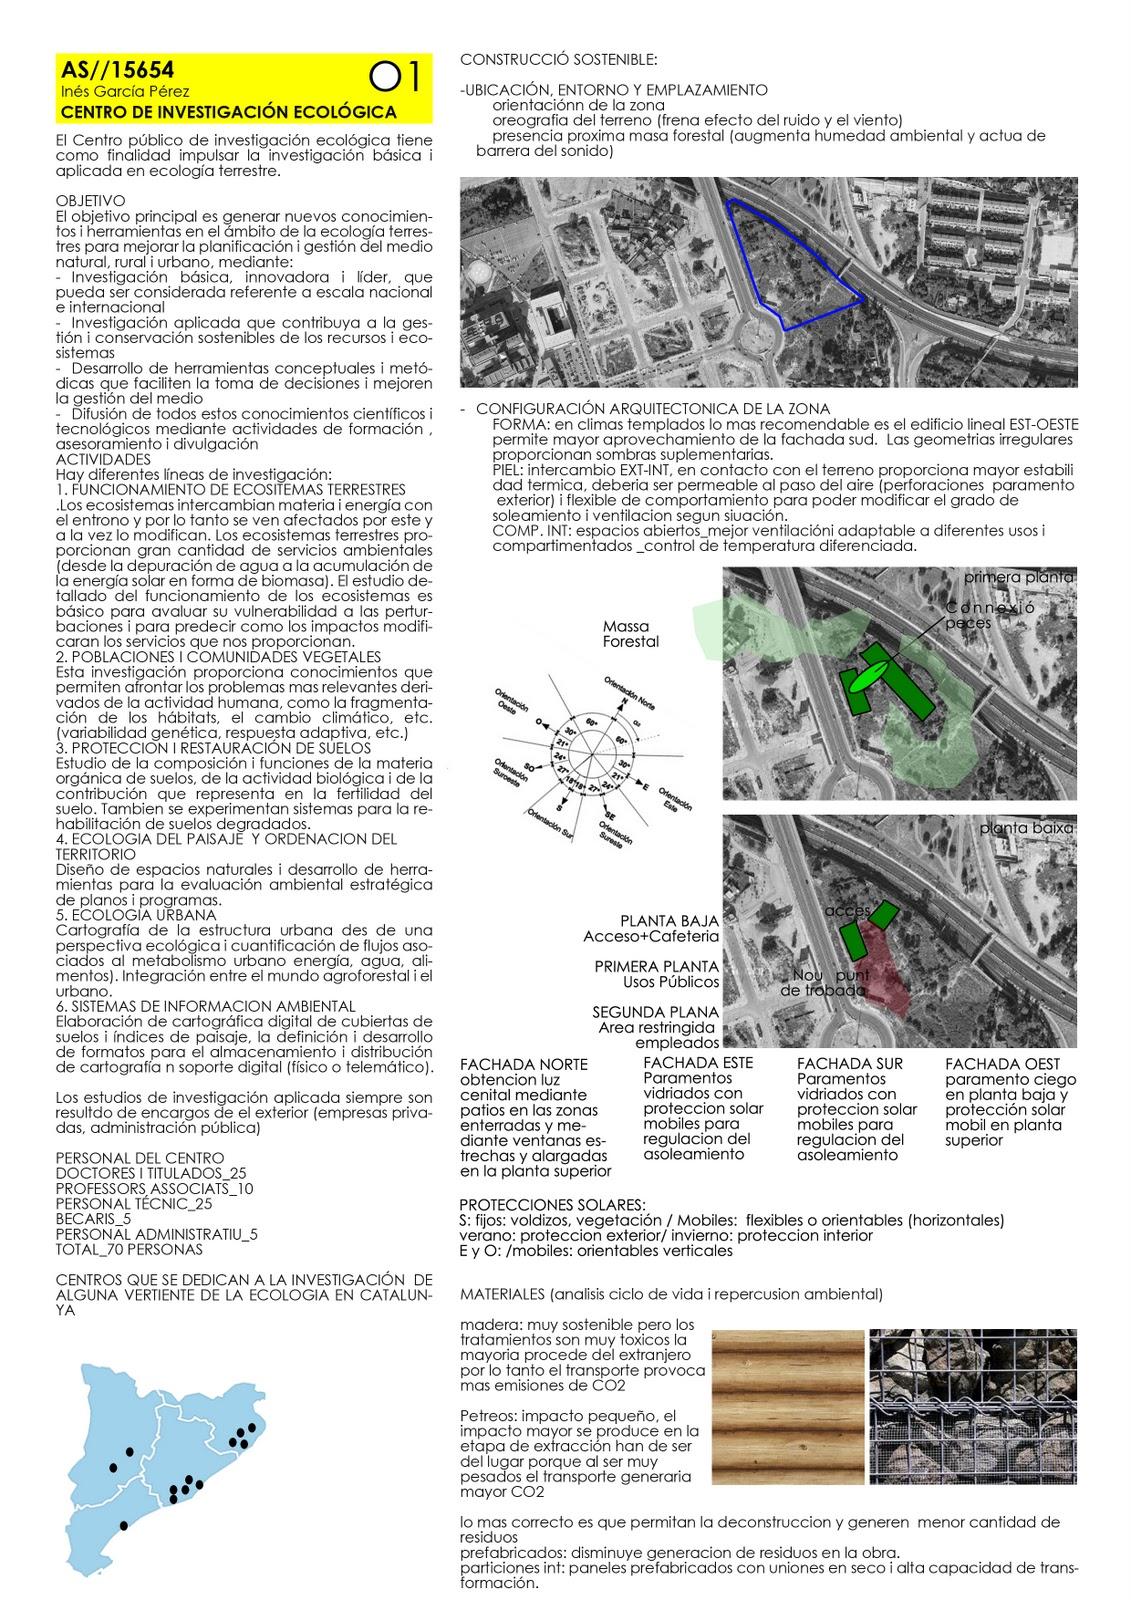 CENTRO DE INVESTIGACIÓN ECOLÓGICA: marzo 2011